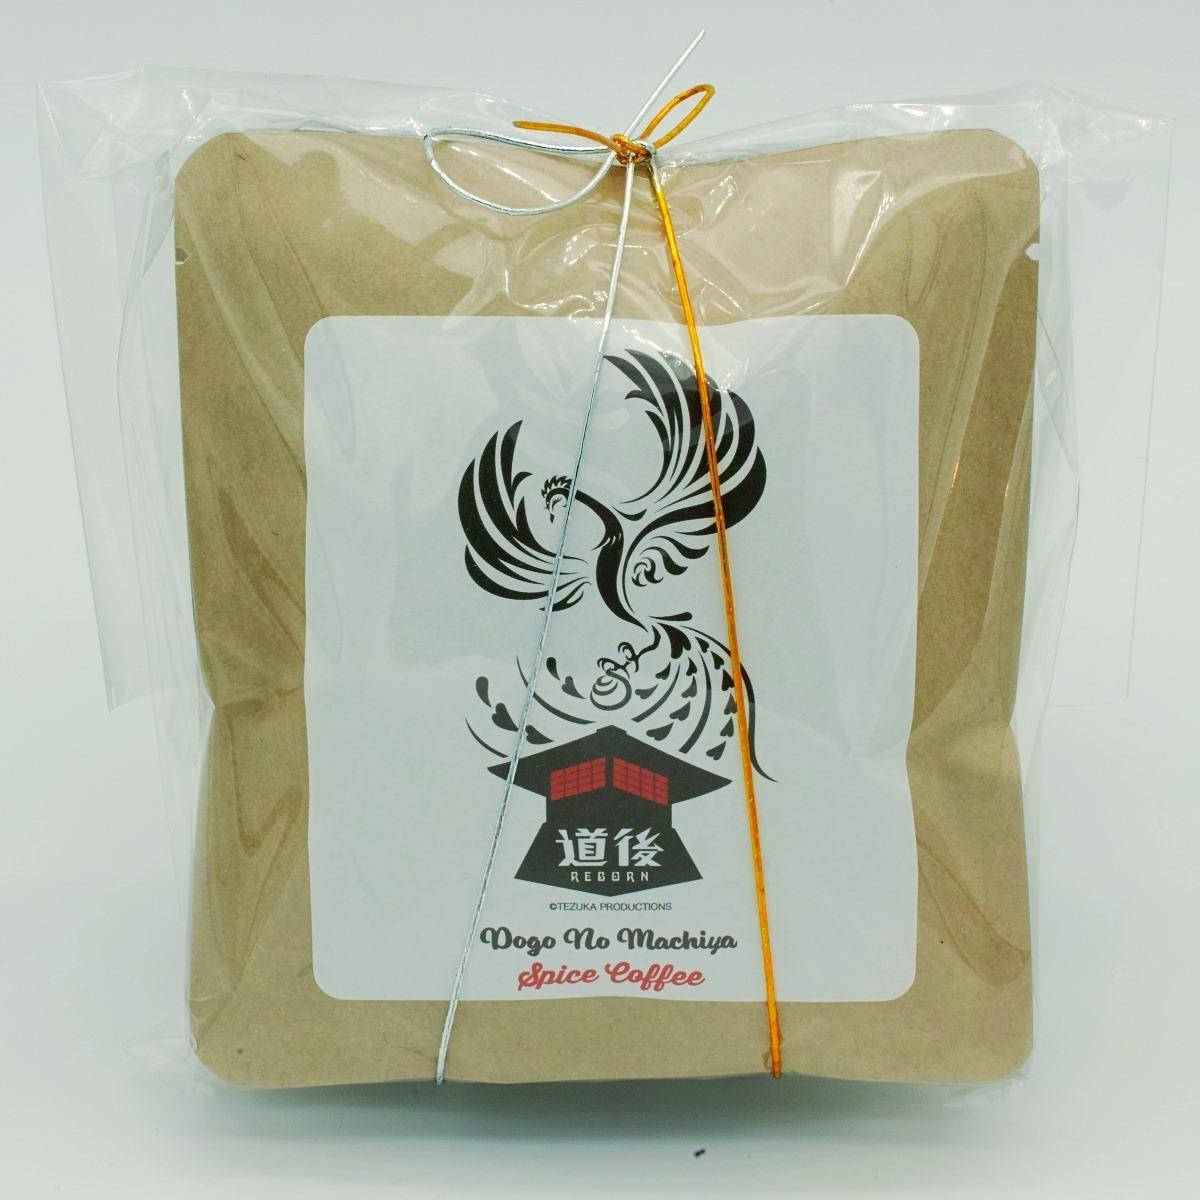 ドリップバッグ 道後REBORNスパイスコーヒー【火の鳥Ver.】3袋入り